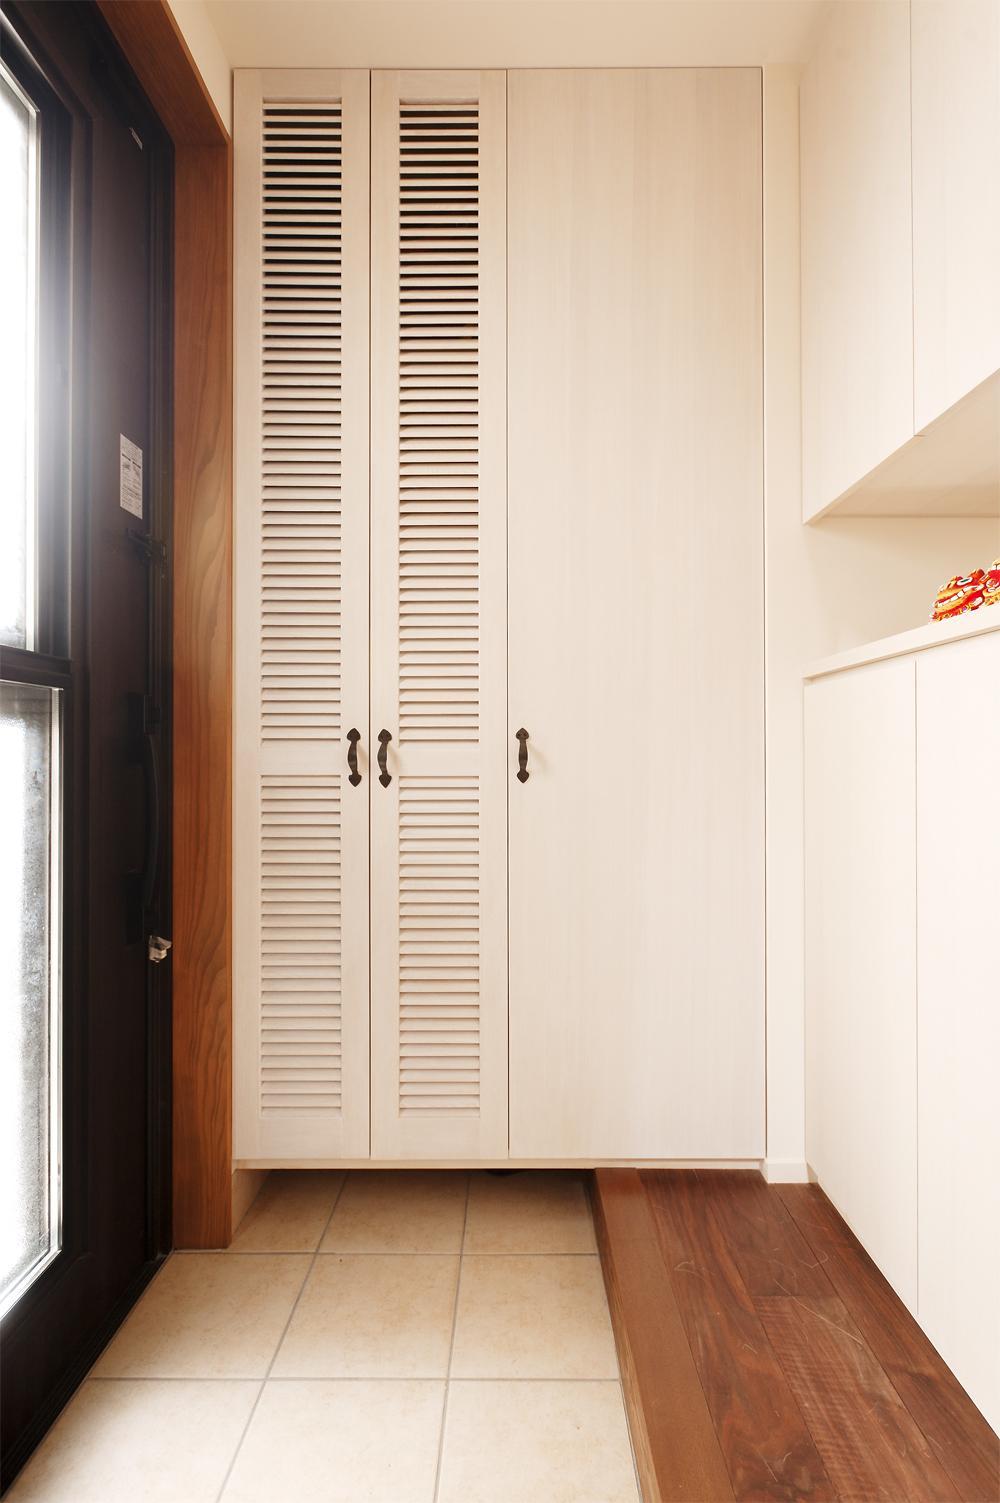 S邸・家族の笑顔がつながるオープンキッチンの部屋 大容量収納スペースのある玄関